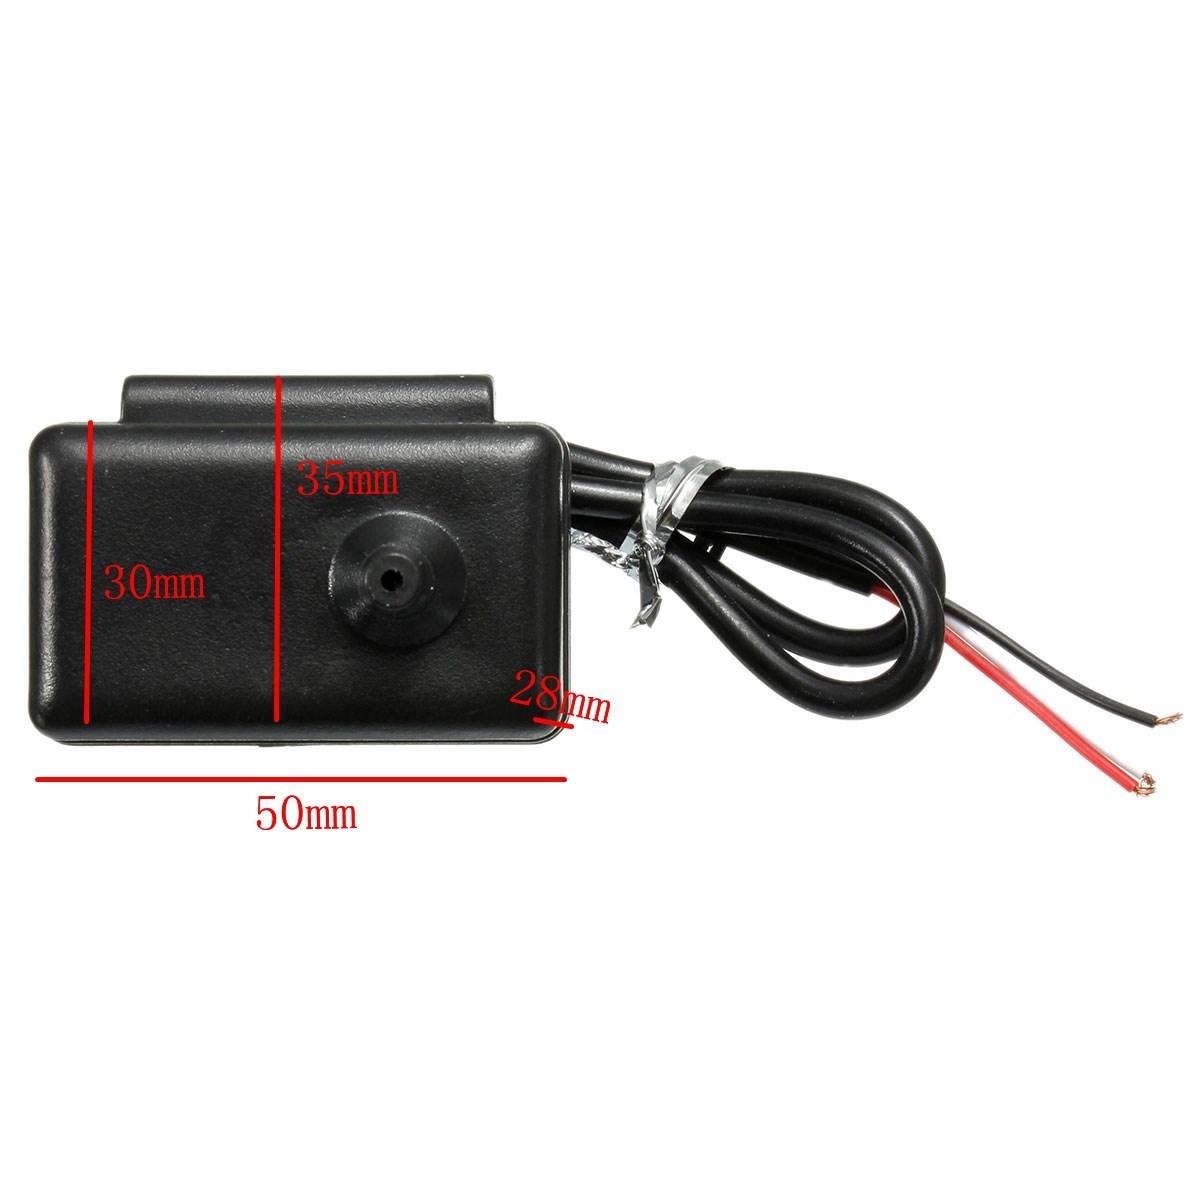 Audew 1 X 52 мм красный цифровой усиление / 220vac бар манометр дисплей с датчиком / пвх + место комплект